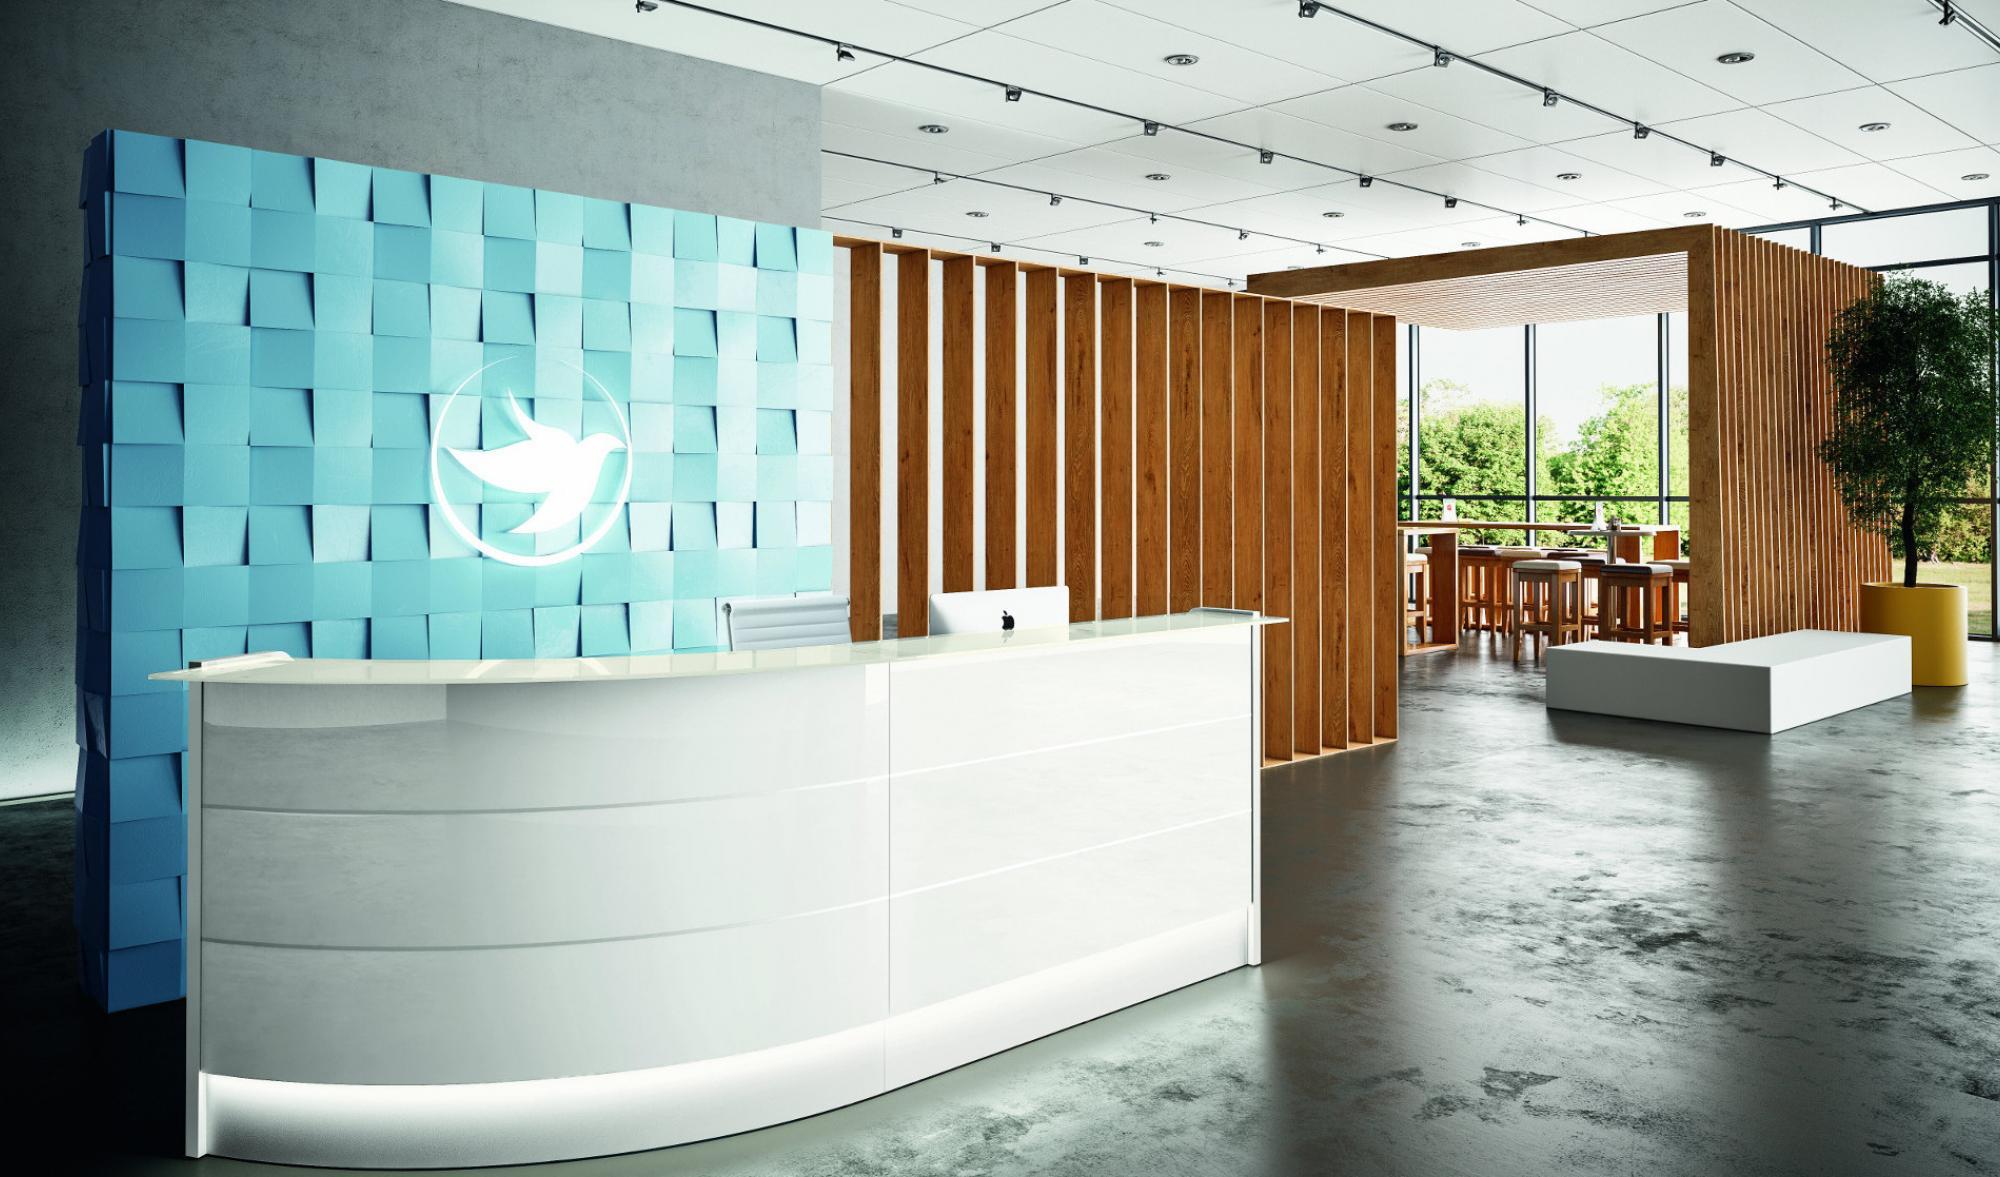 Uffici & uffici mobili per ufficio sedute e poltrone pareti